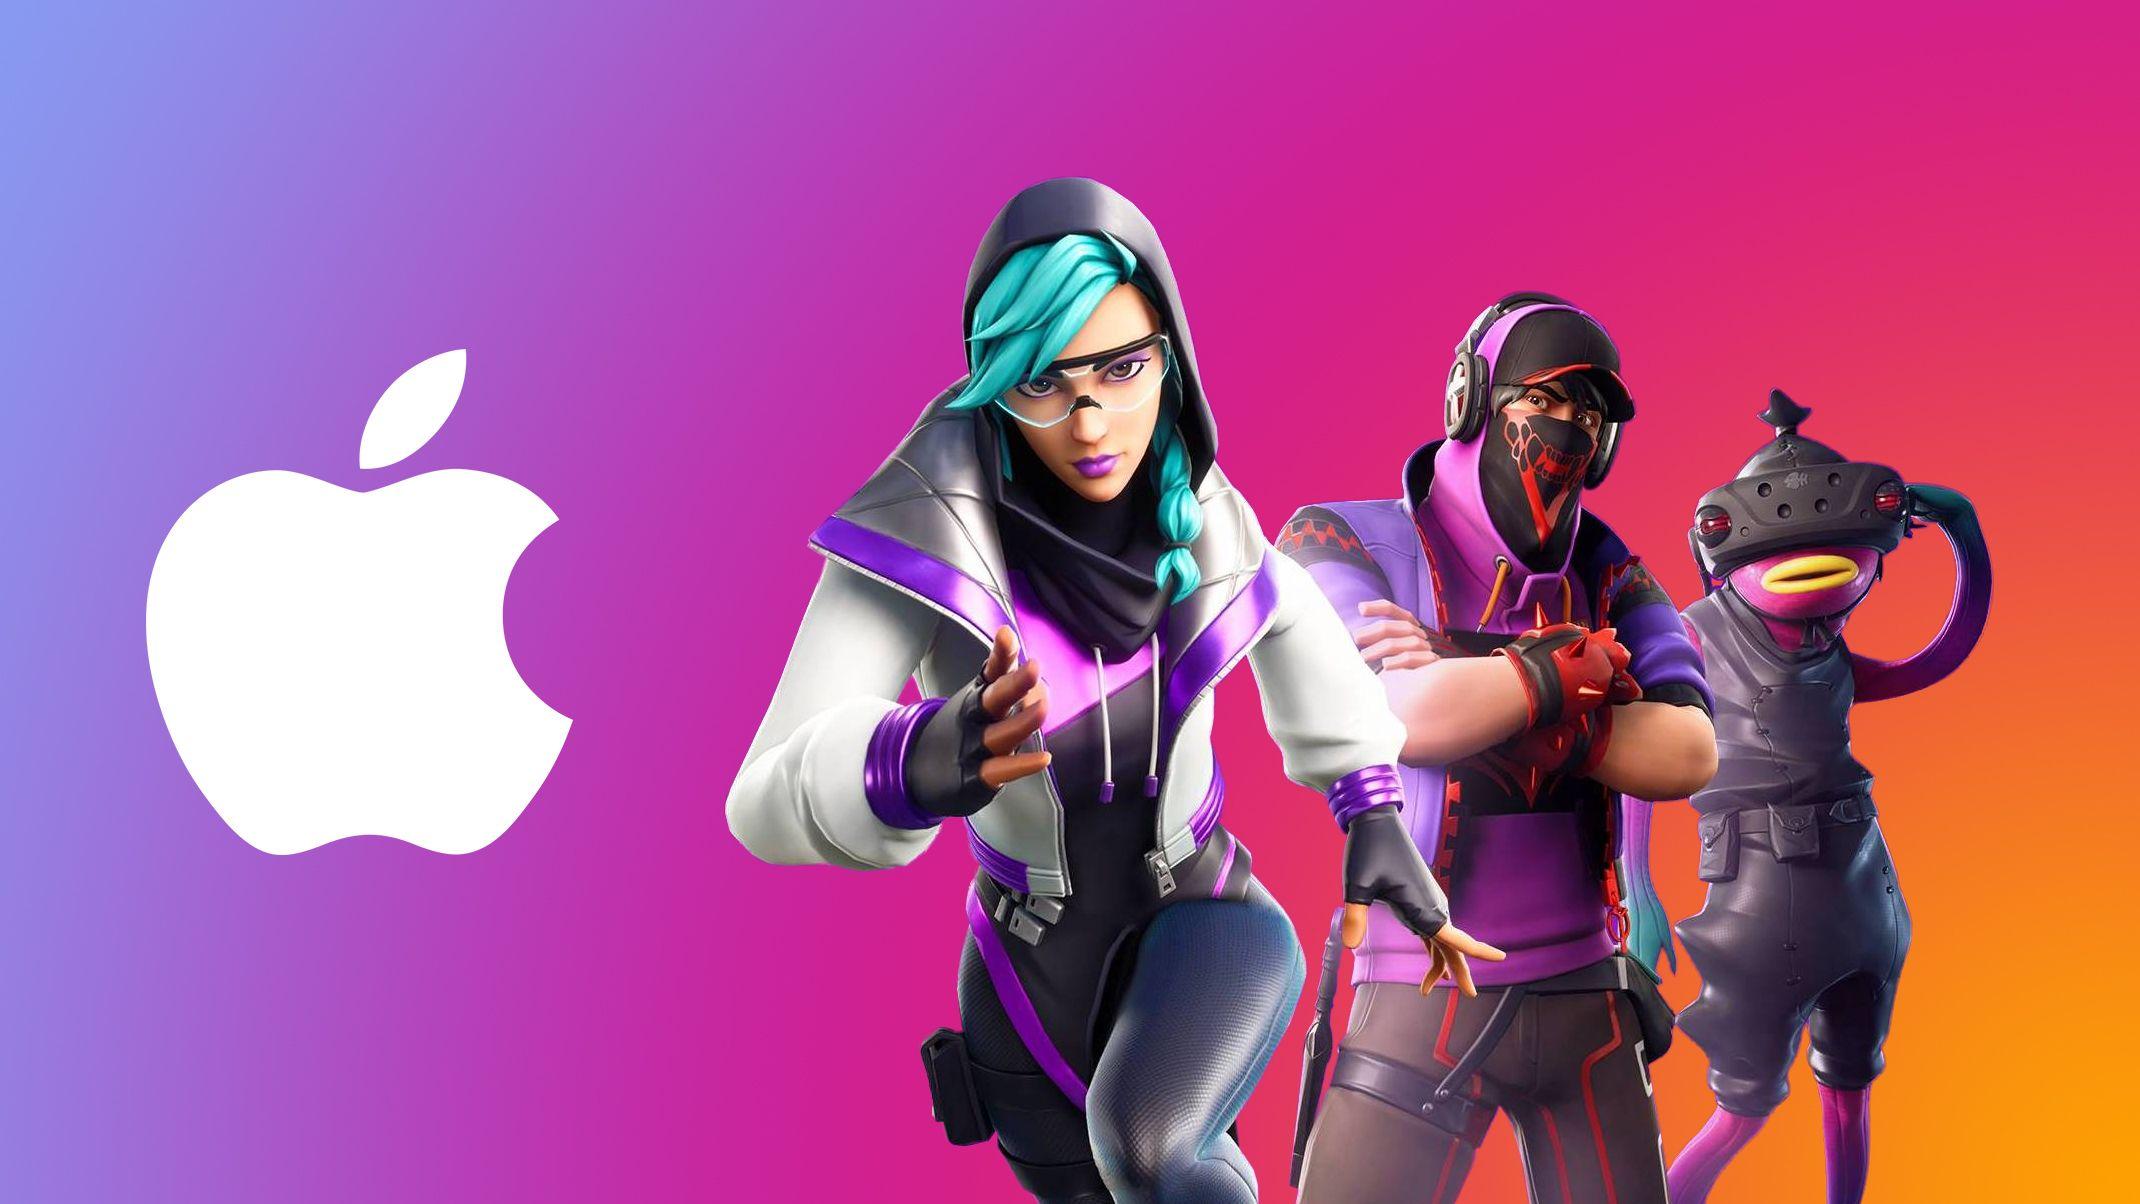 Apple zamknęło konta developerów Epic Games, czyli twórców Fortnite